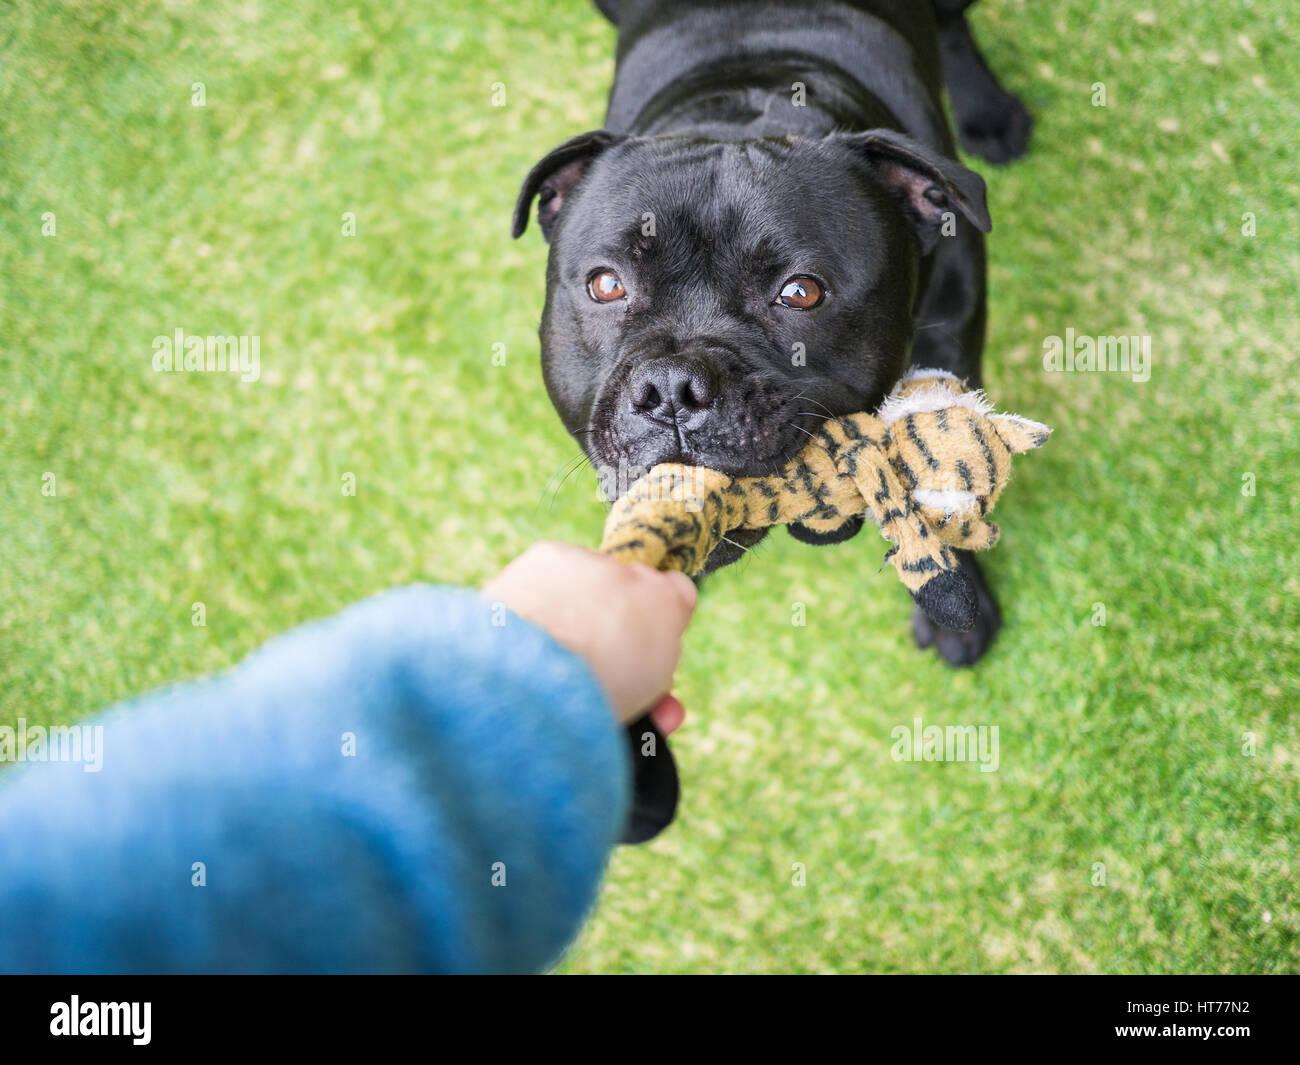 Un negro staffordshire bull terrier perro jugando remolcador, sosteniendo un juguete blando en su boca, tirando Imagen De Stock